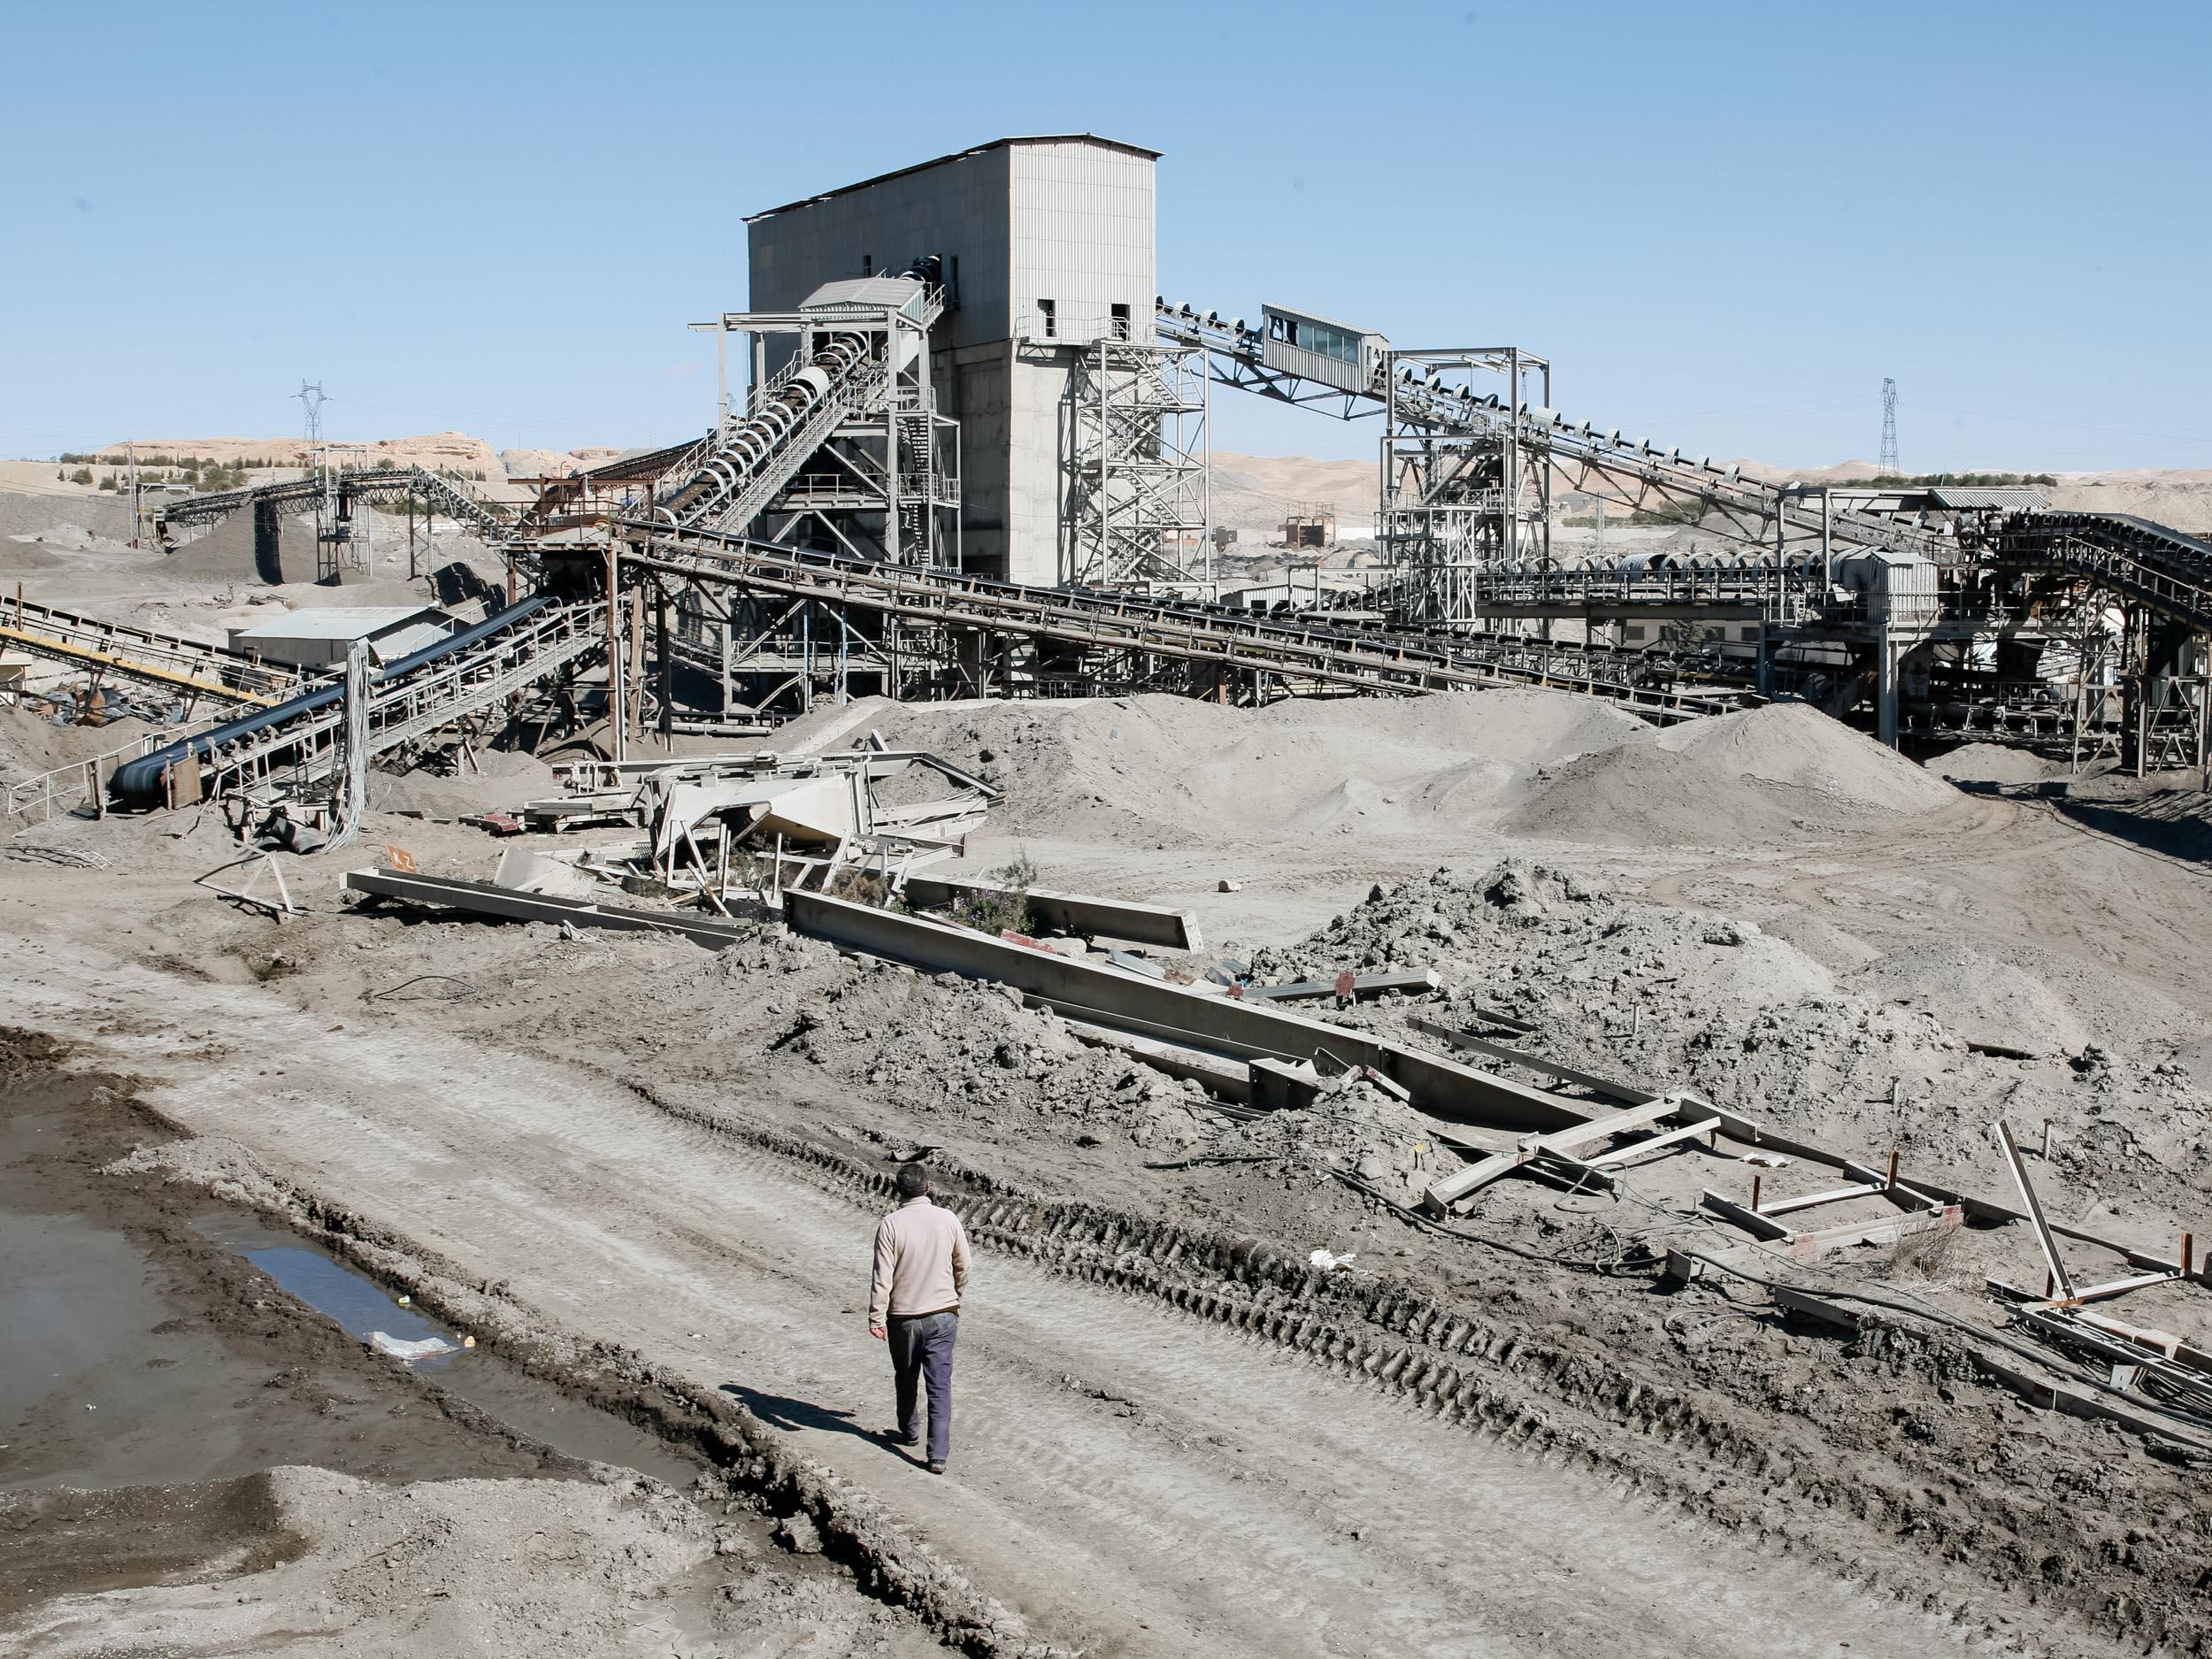 Le phosphate brut y est alors acheminé par camion, train ou bande roulante vers l'usine située à l'entré de  Metlaoui. Le phosphate deviendra exploitable après séparation par une technique de mélange avec des milliers de litre d'eau puis sera ensuite acheminé vers le groupe de chimique Tunisien à SFax, M'dhilla ou Gabès pour y être traité, conditionné puis exporté à l'étranger.